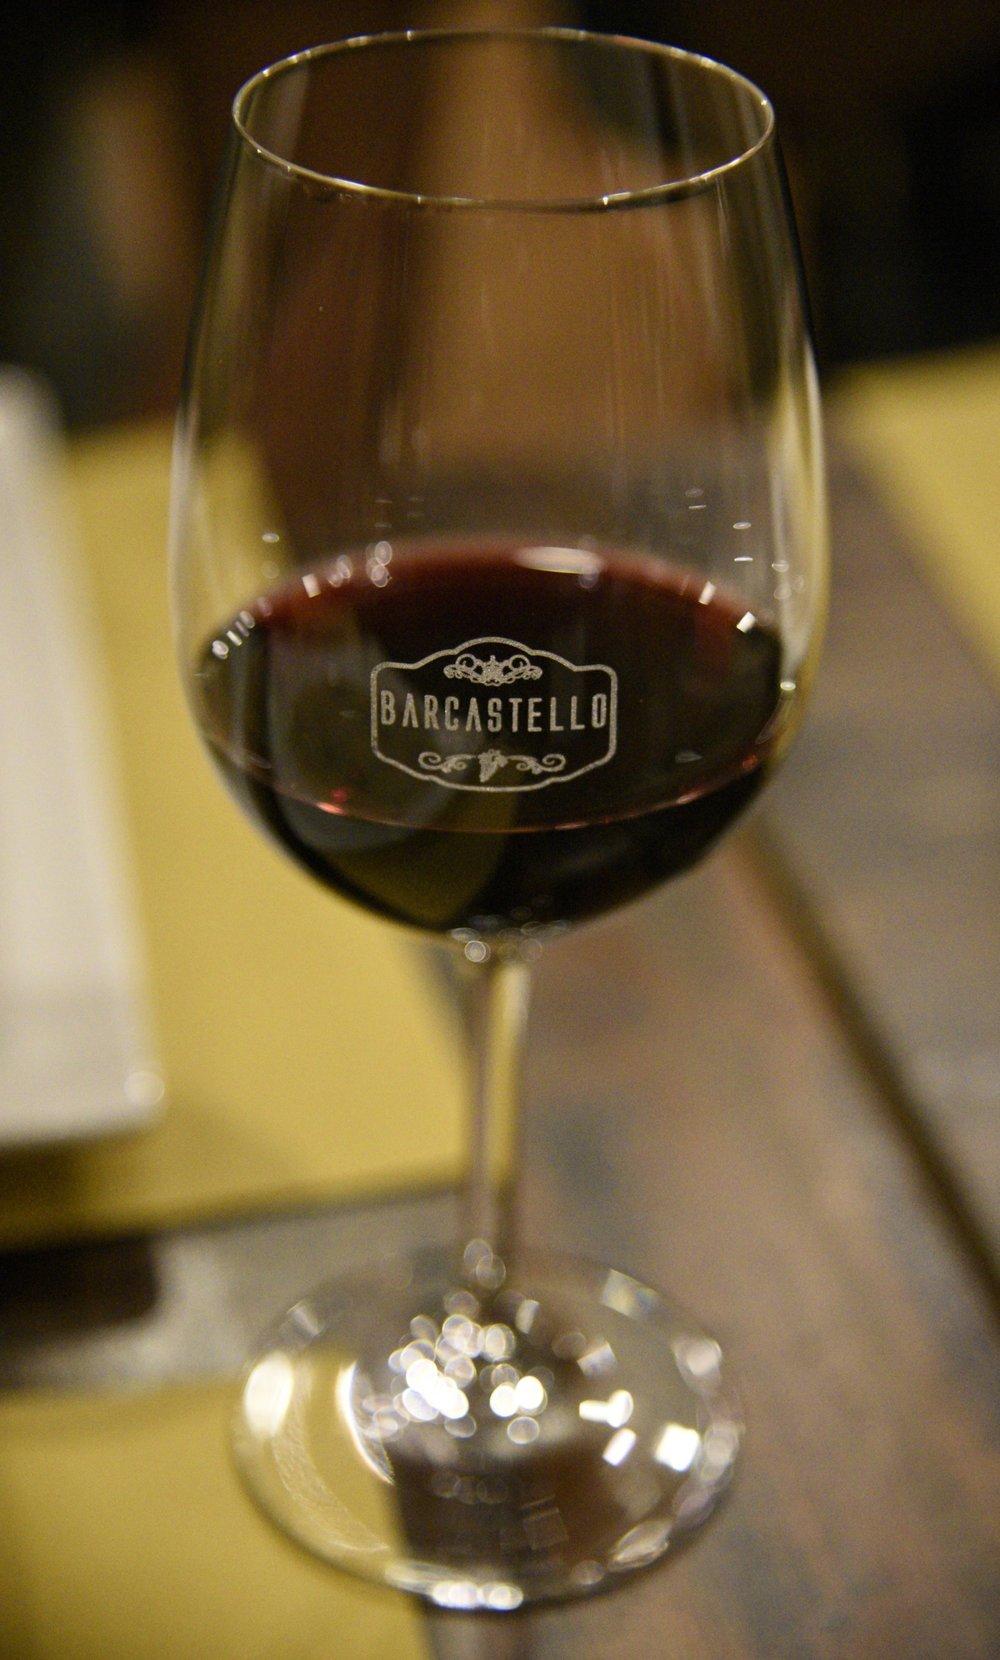 C'è anche del ottimo vino al BarCastello!